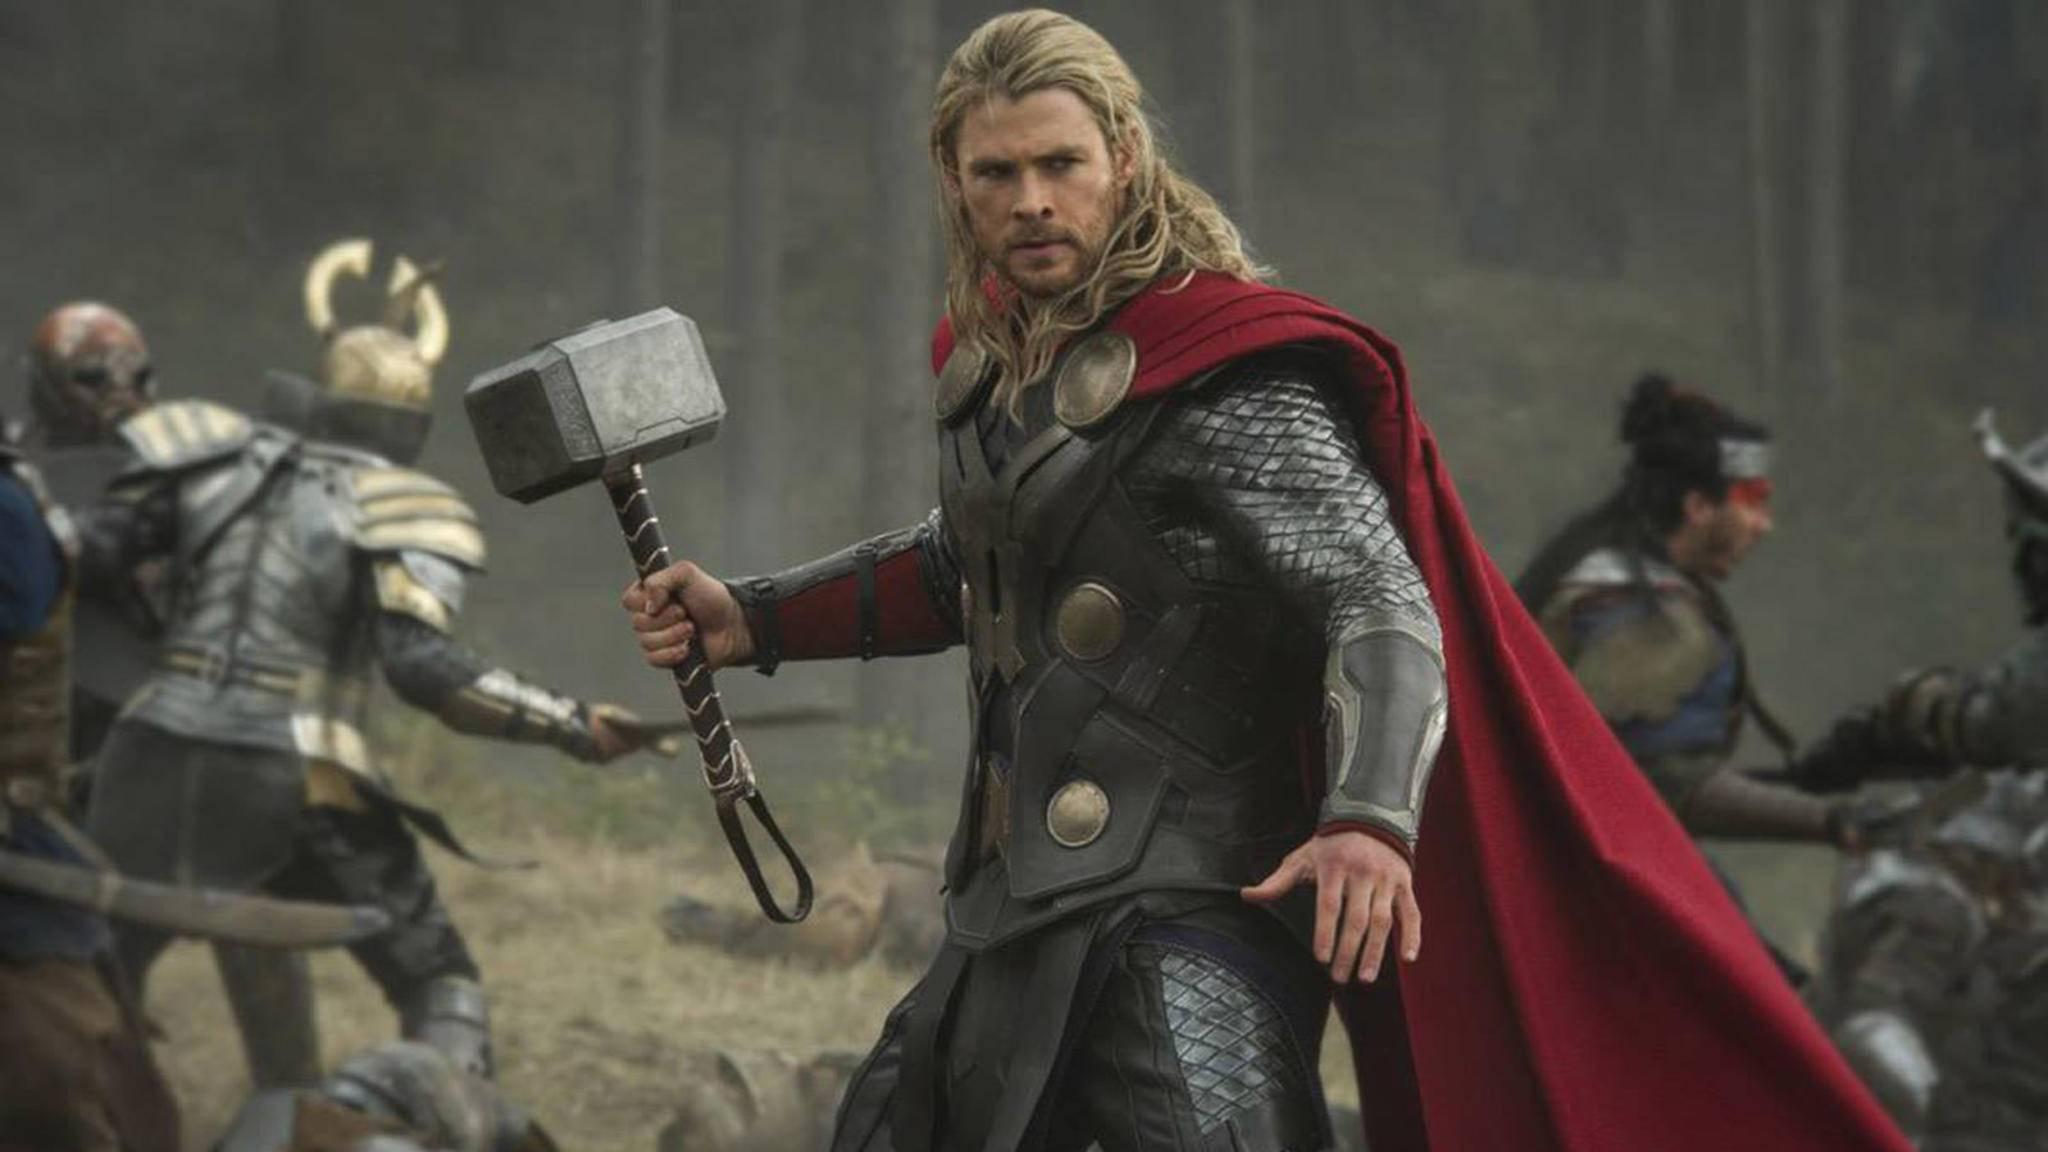 Vom Schlachtfeld ins Museum: Thors Hammer (links im Bild) hängt demnächst in einer australischen Kunstgalerie.